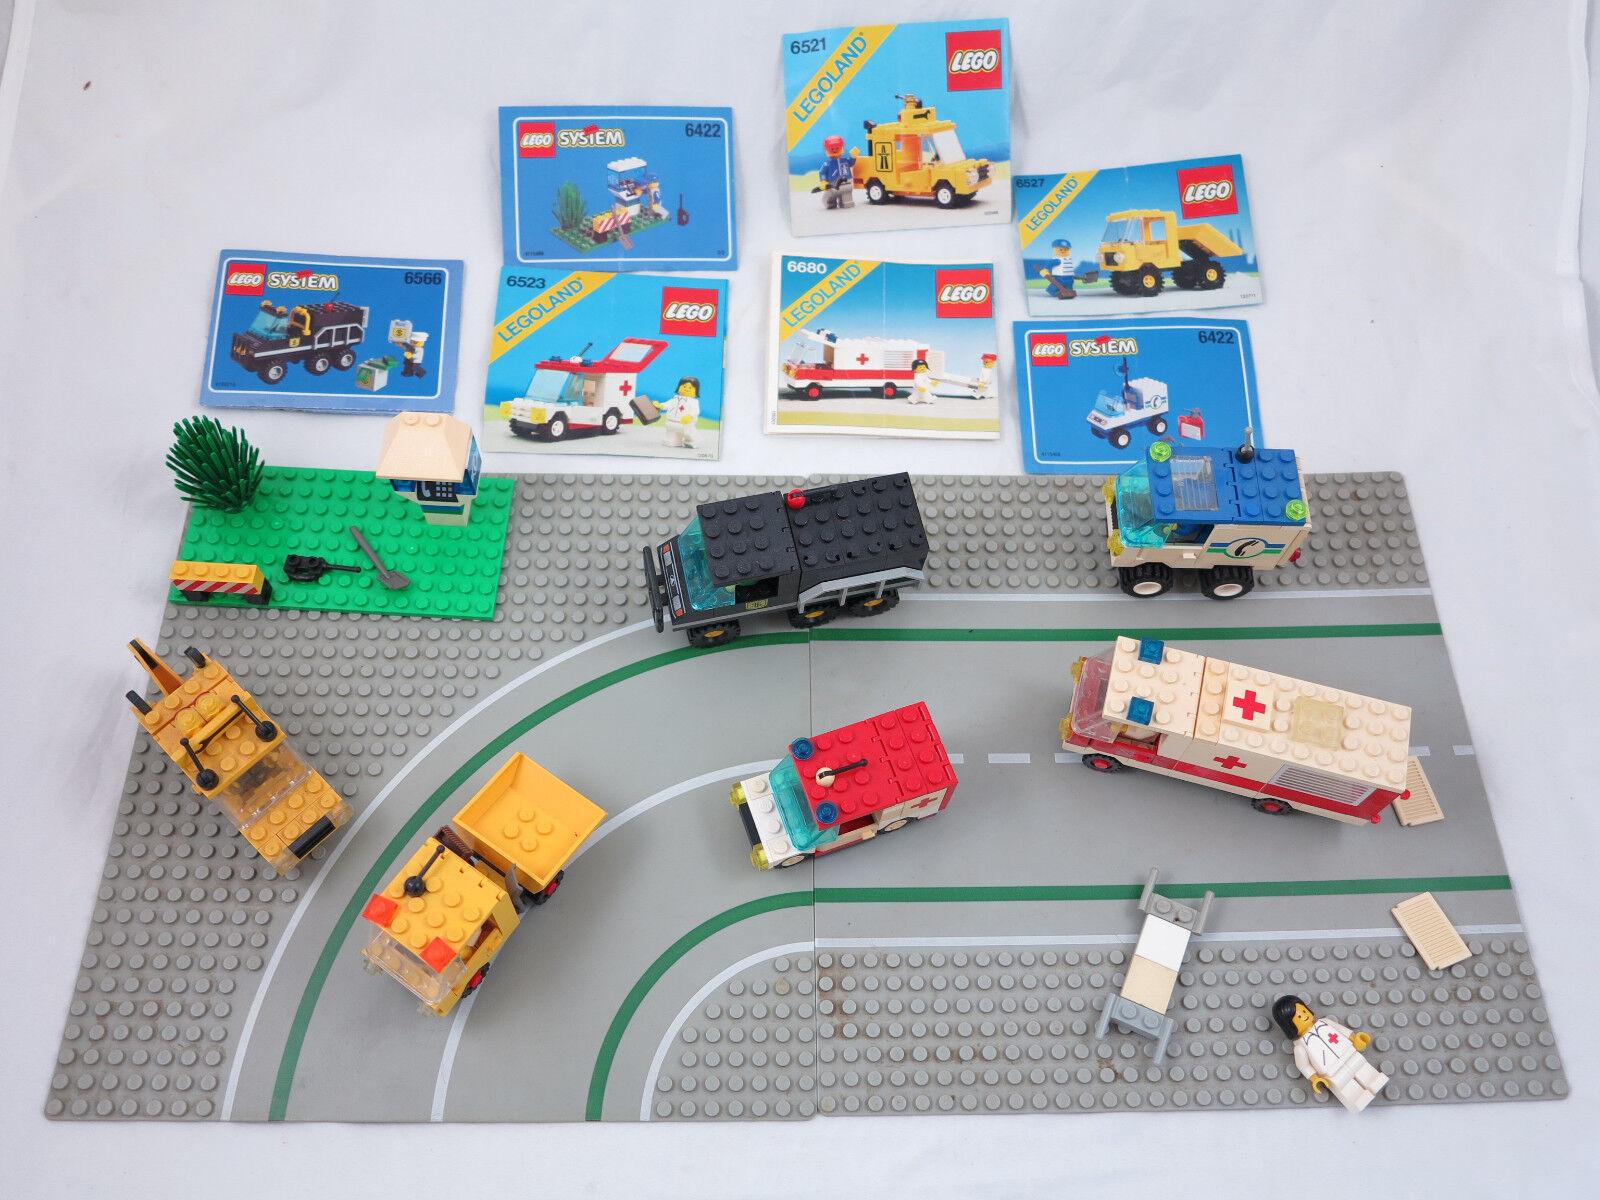 LEGO LEGOLAND SYSTEM 6527 6521 6523 6566 6422 6680 +OBA+Platten Konvolut ( 111)